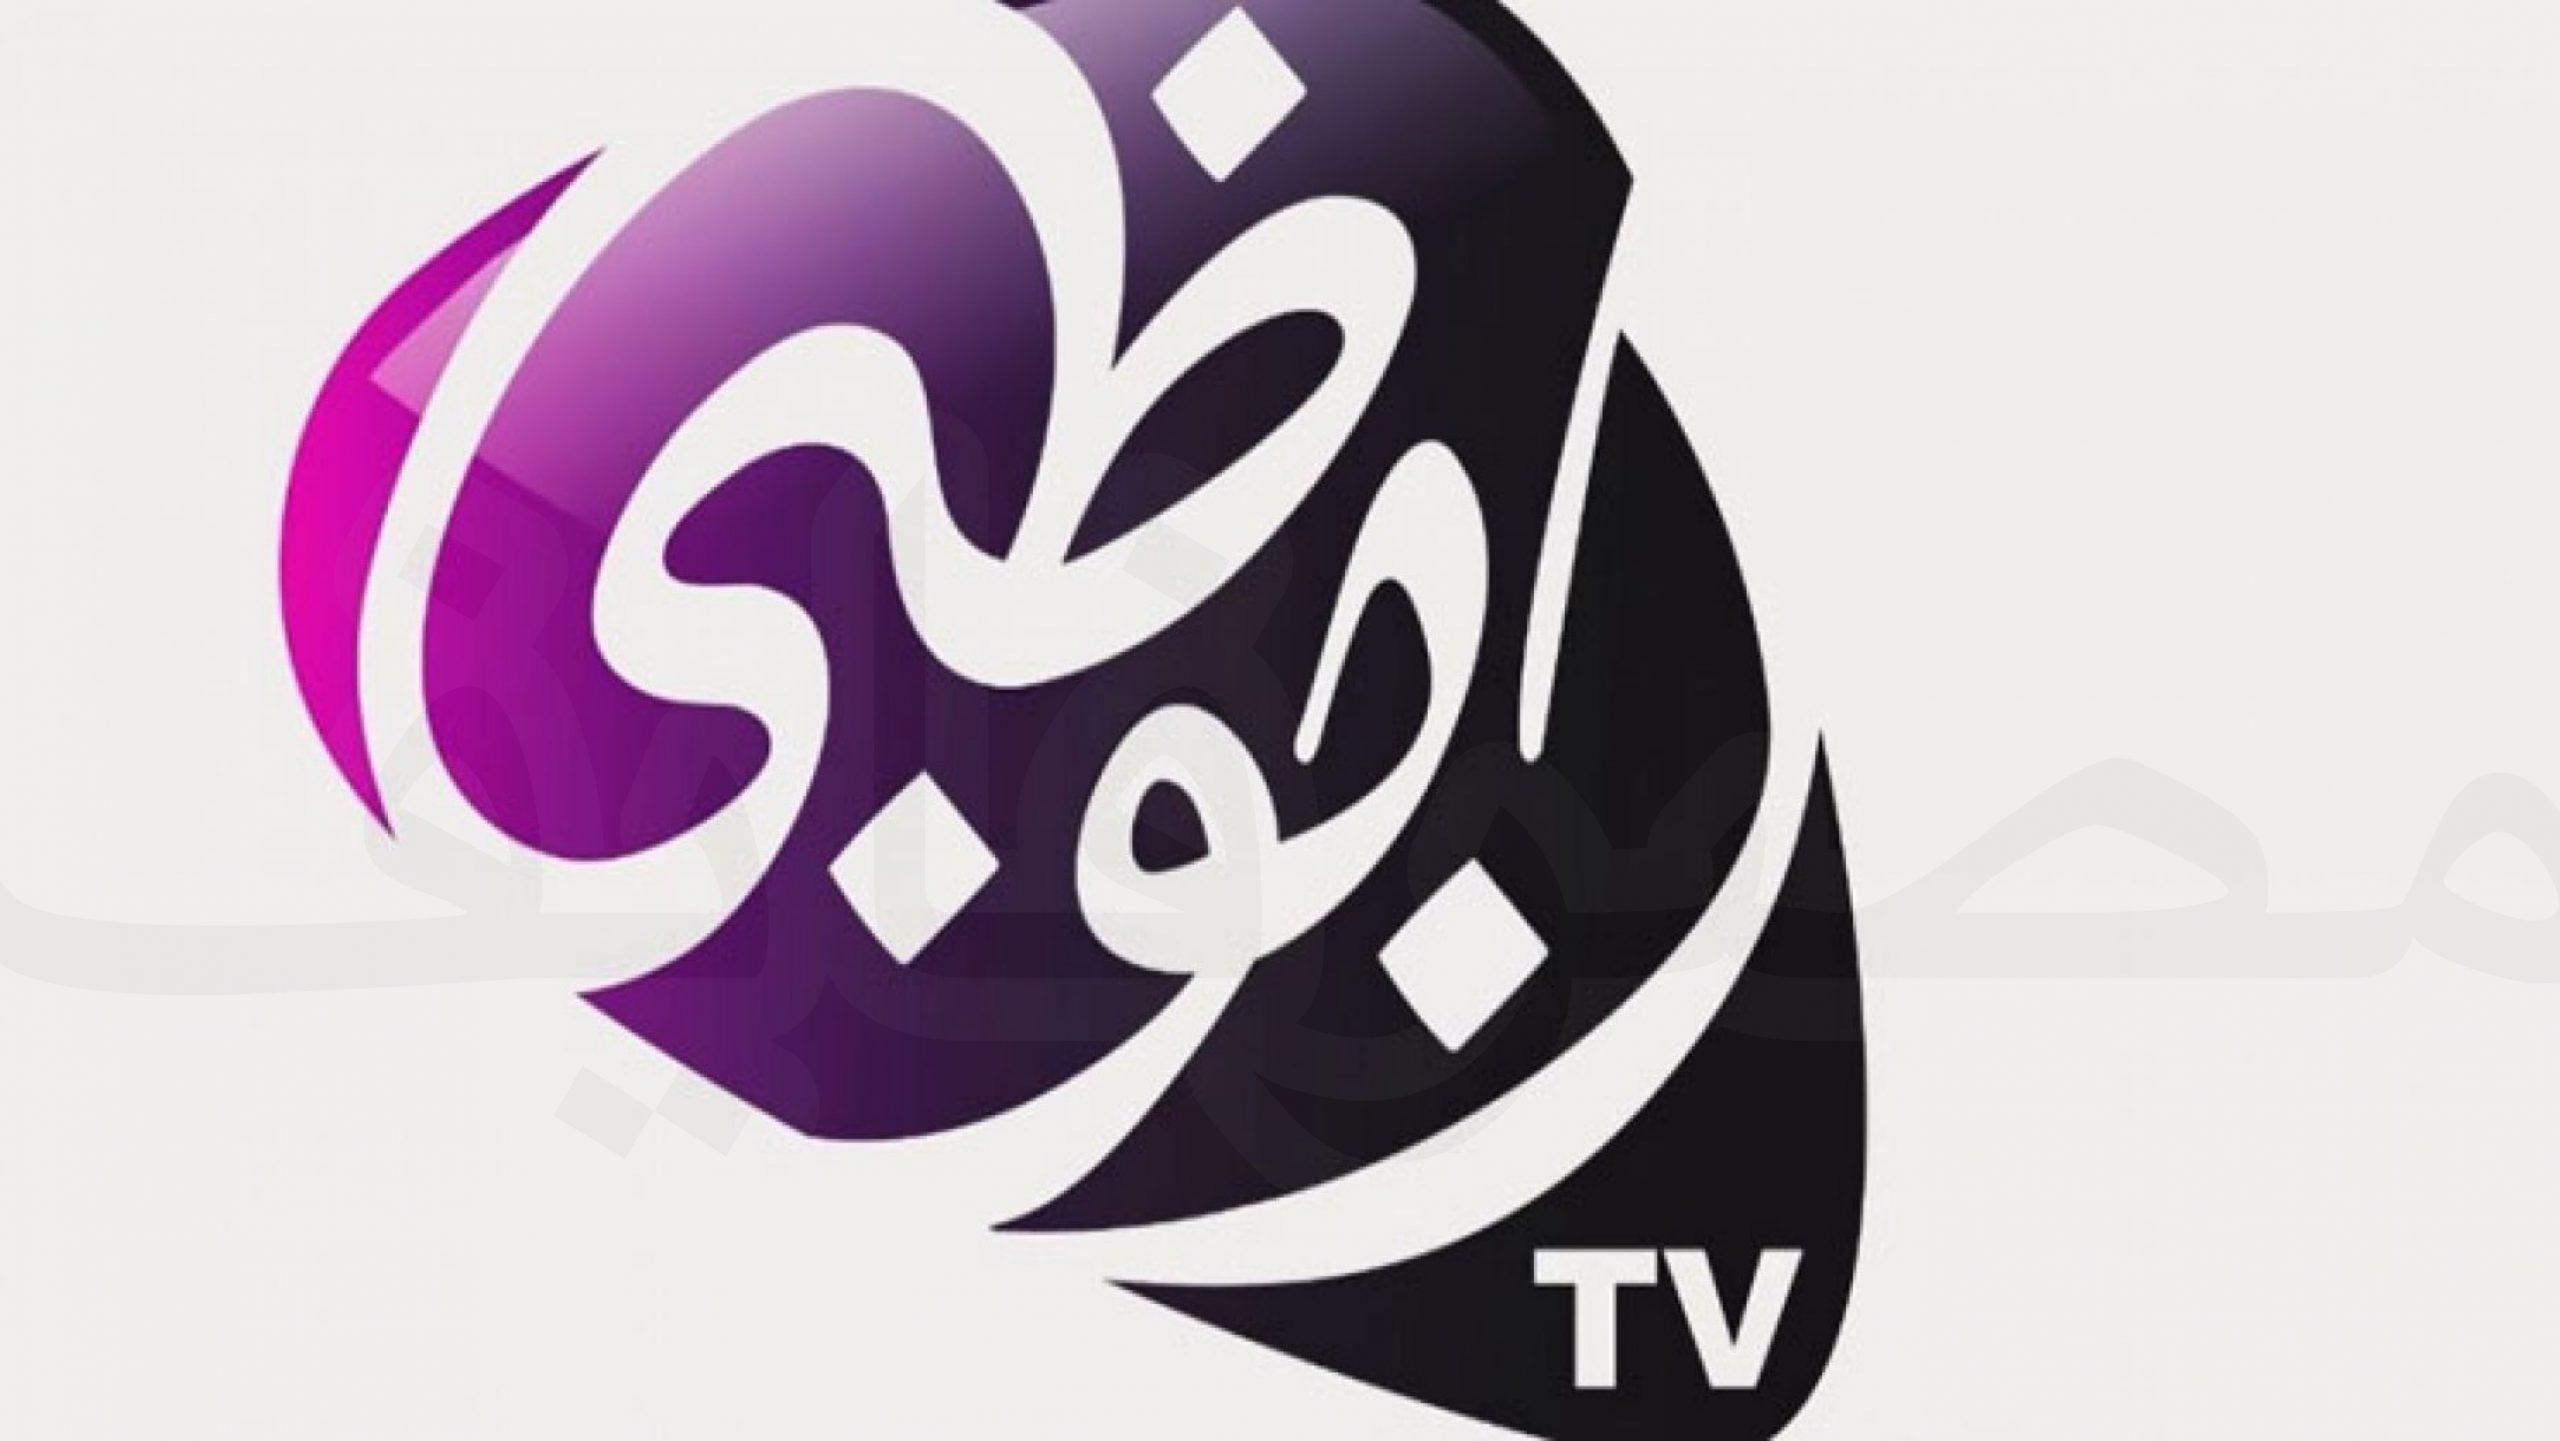 اضبط تردد قناة ابوظبي العادية والرياضية وناشيونال جيوغرافيك Abu Dhabi